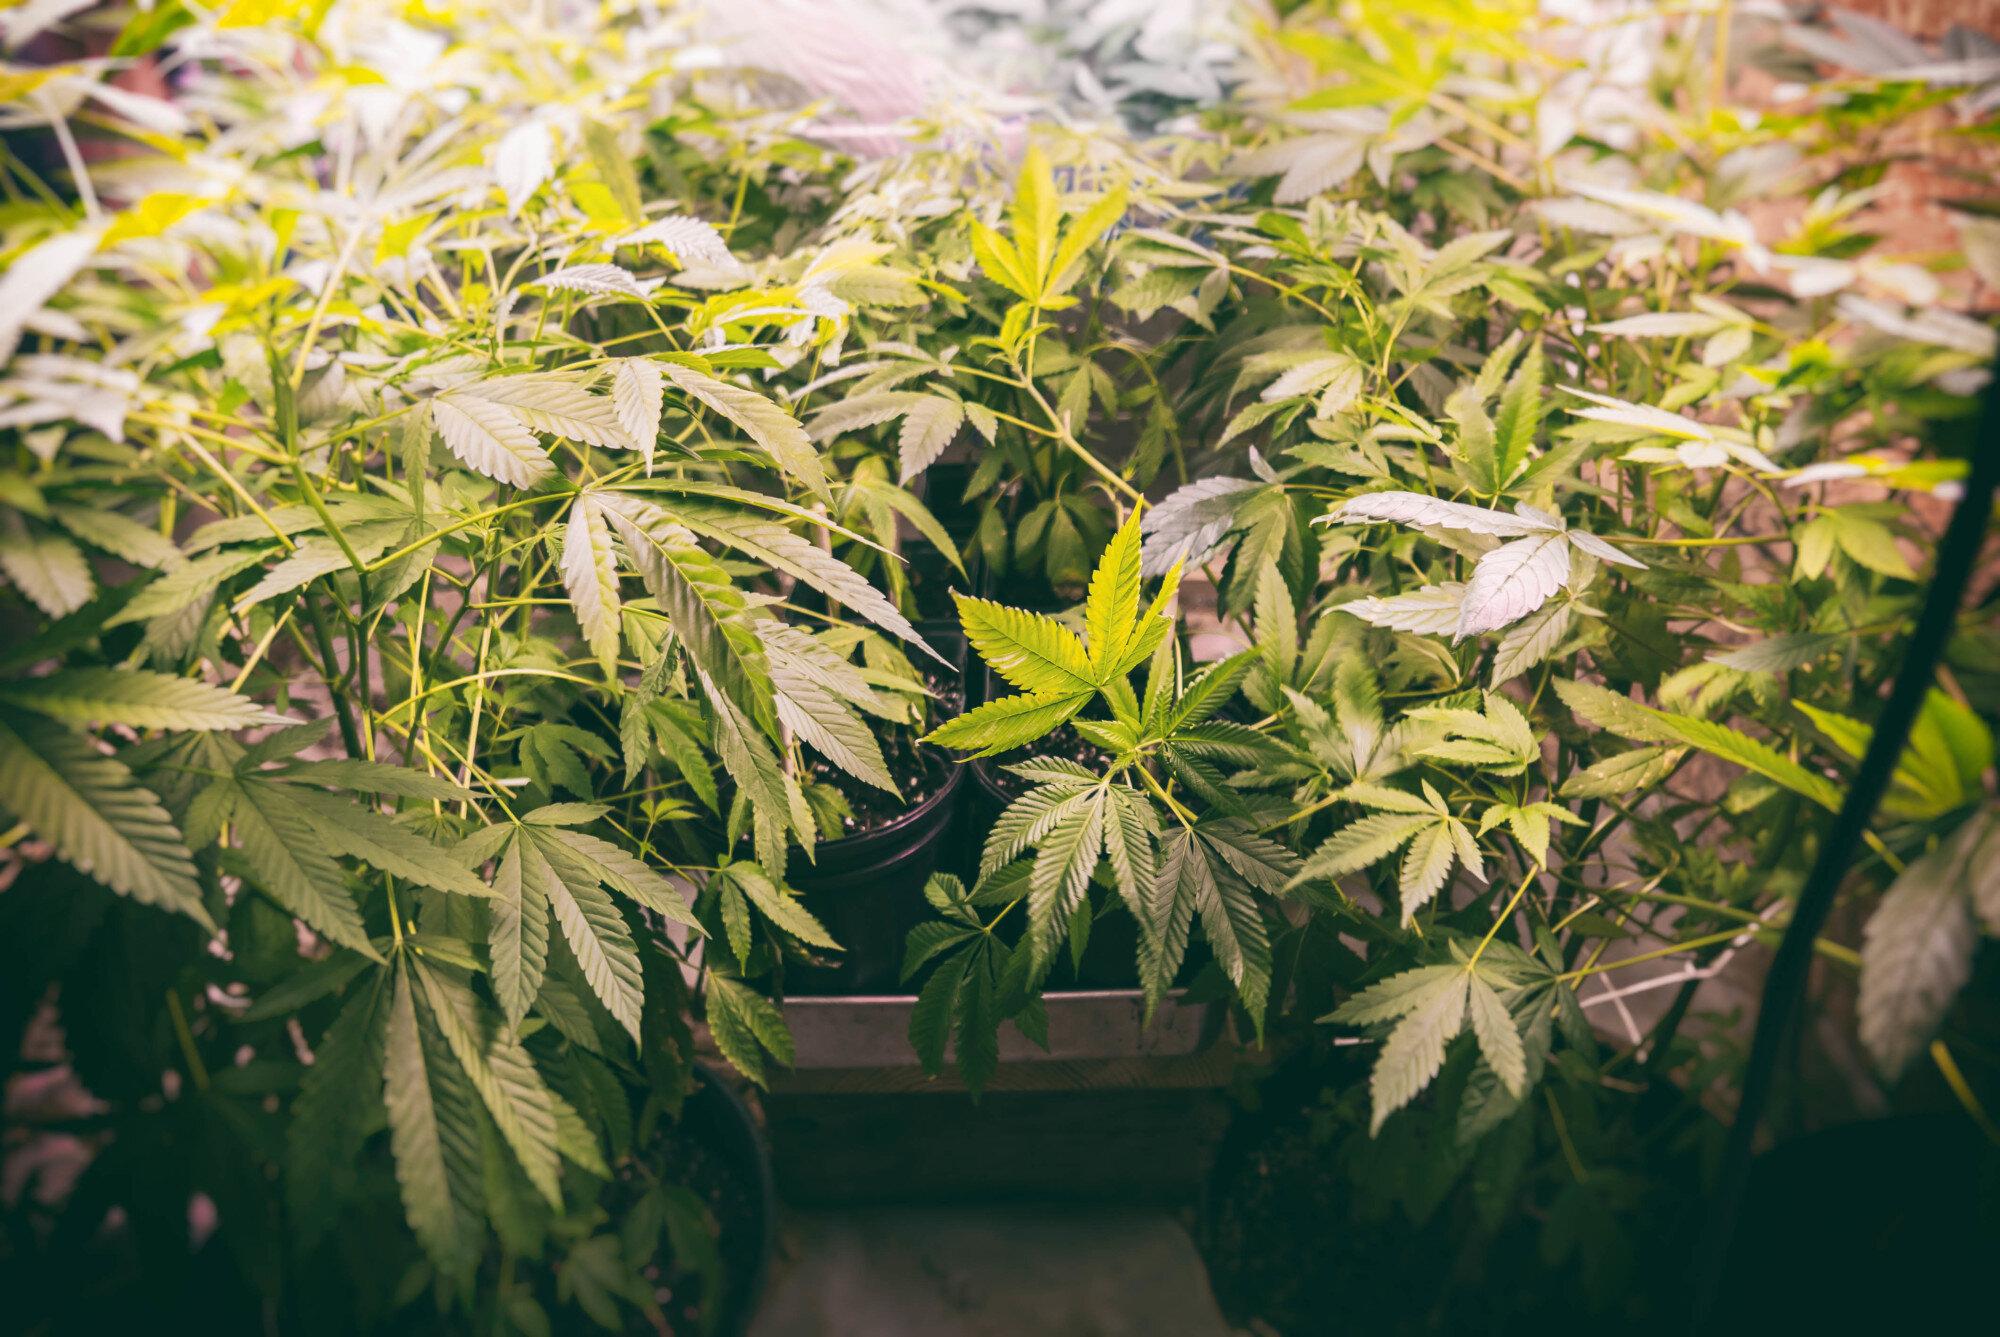 Marijuana Grow Op. Marijuana plants growing under artificial lights in a grow op.